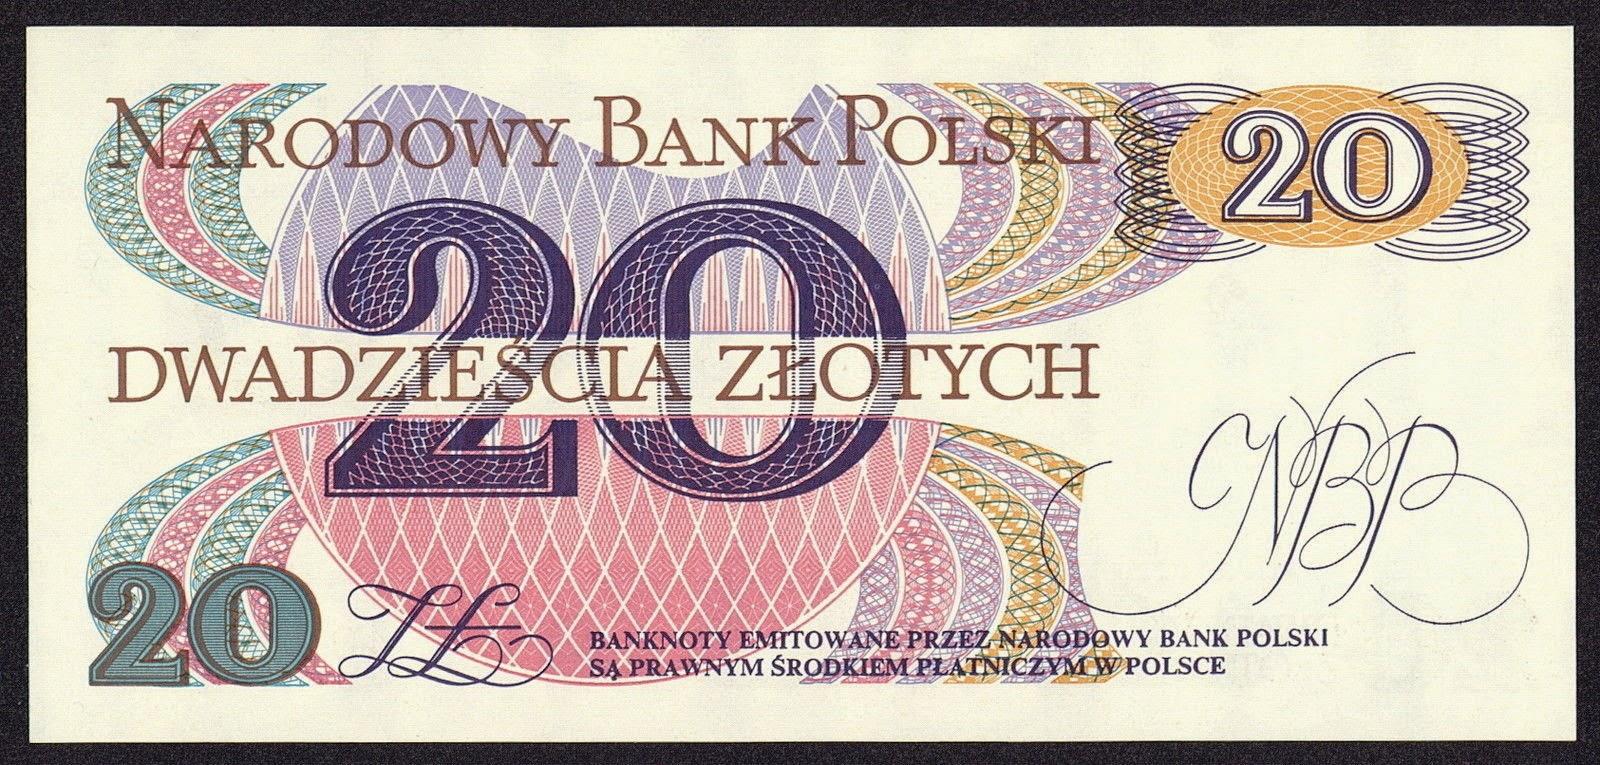 Poland 20 Zloty banknote